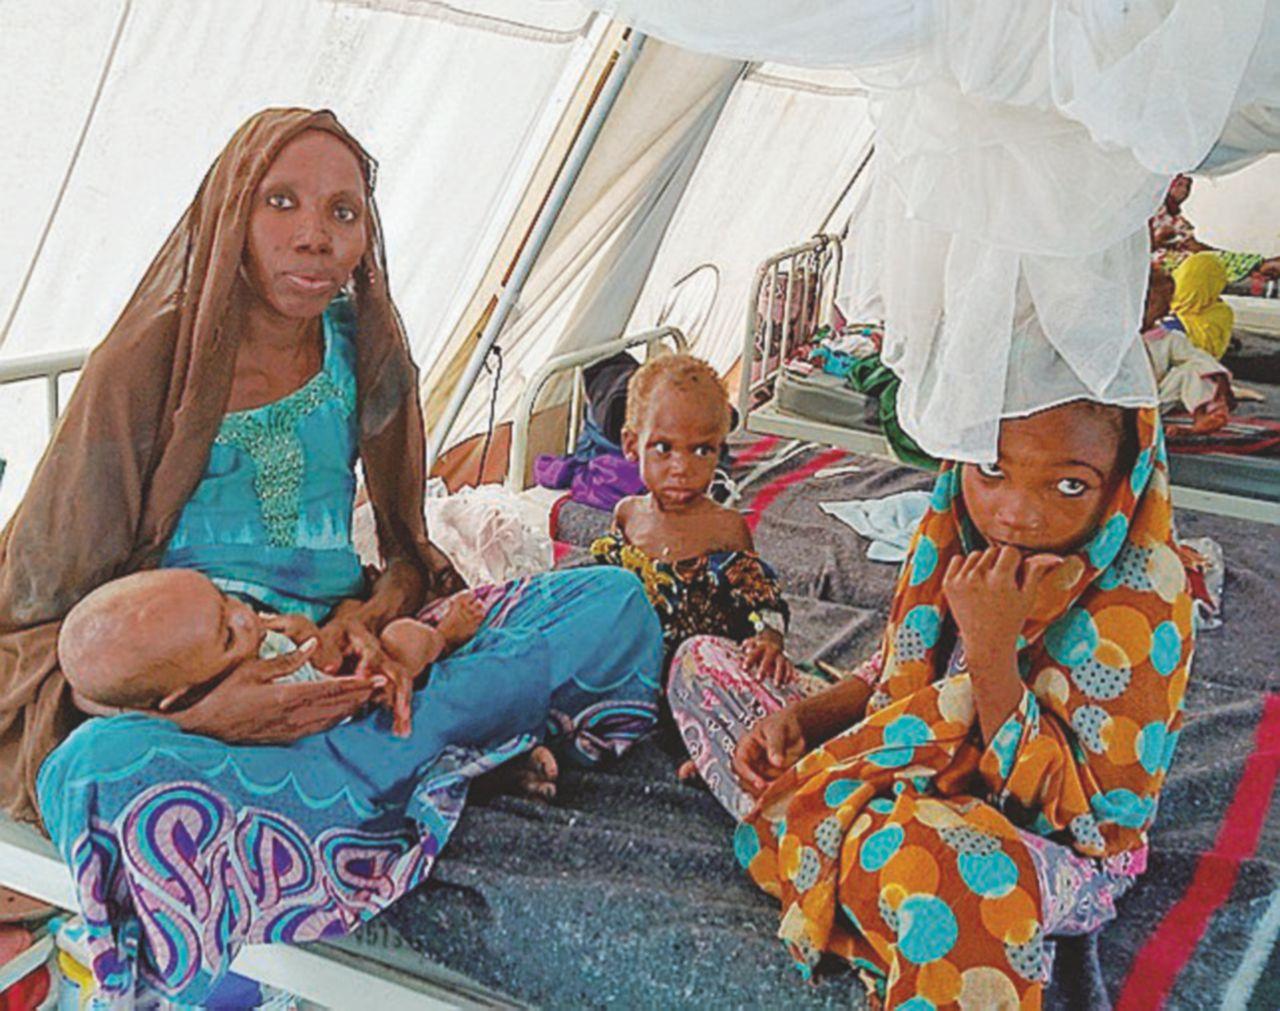 La guerra e la fame: è tornata la strage dei bambini nigeriani